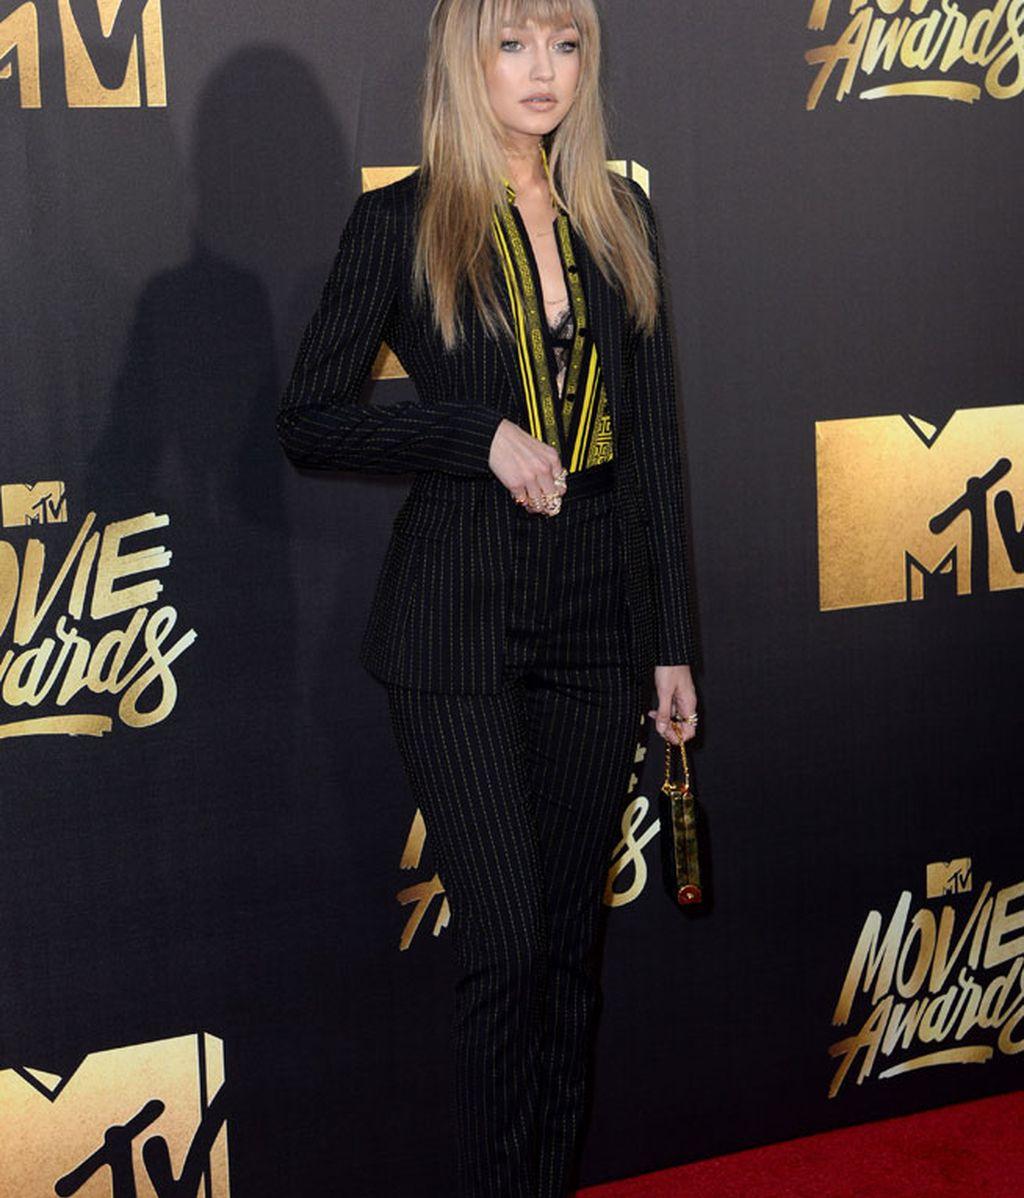 La modelo Gigi Hadid con traje de chaqueta a rayas de Versace